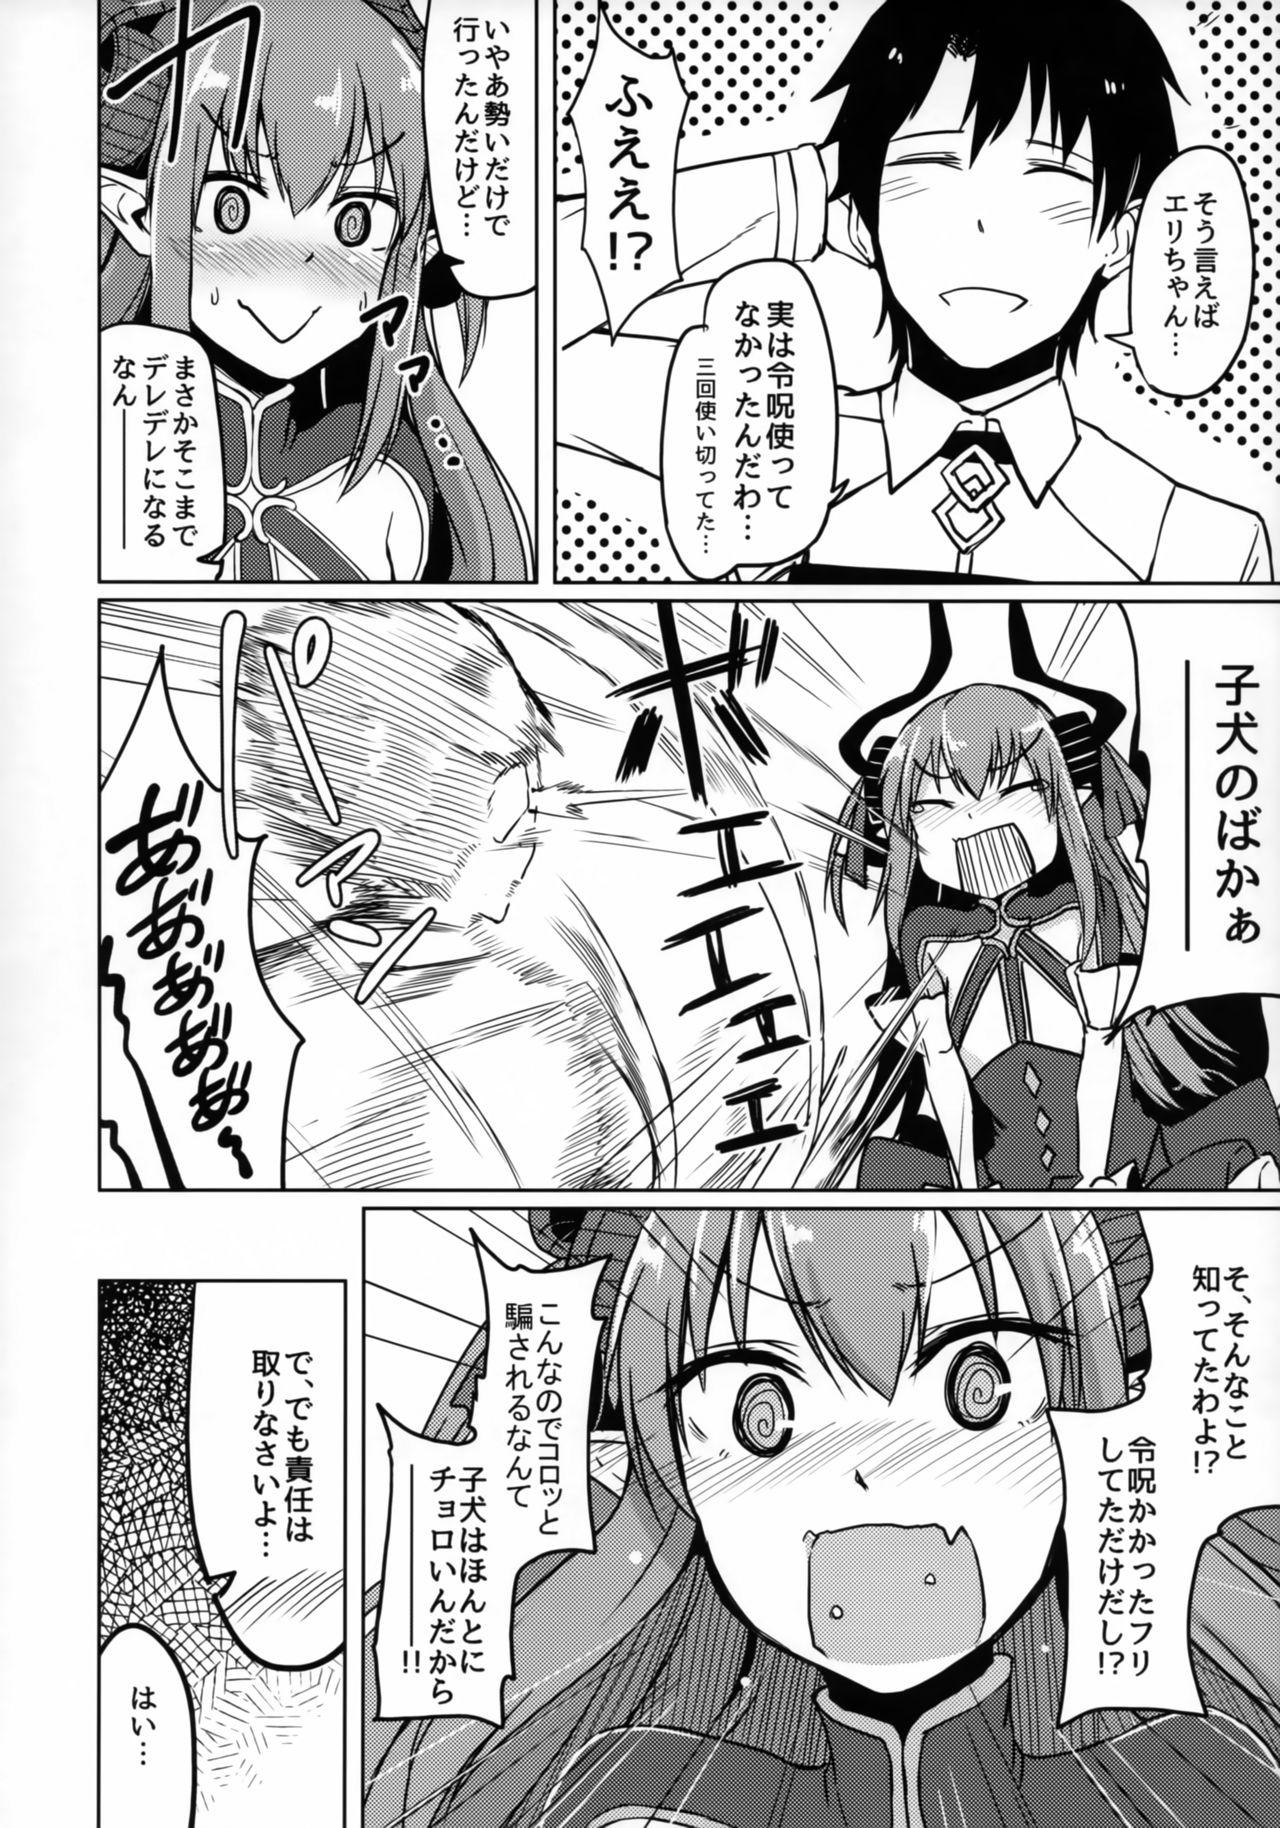 Reiju o Motte Hoshi 4 Servant to Ecchi Shitai 26